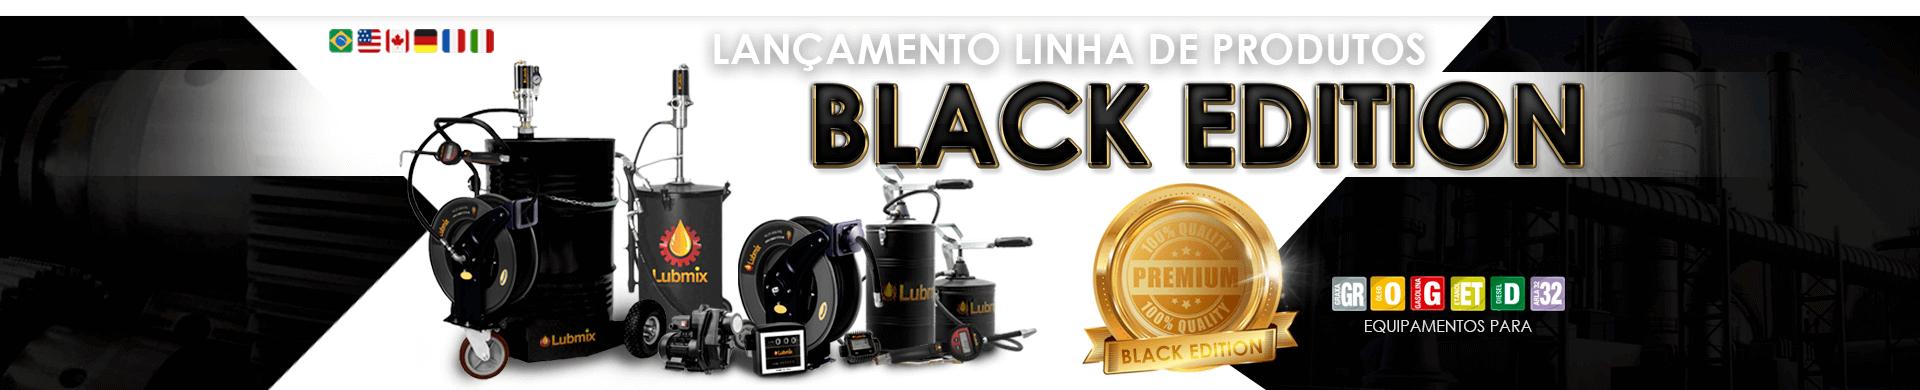 Linha Black Edition